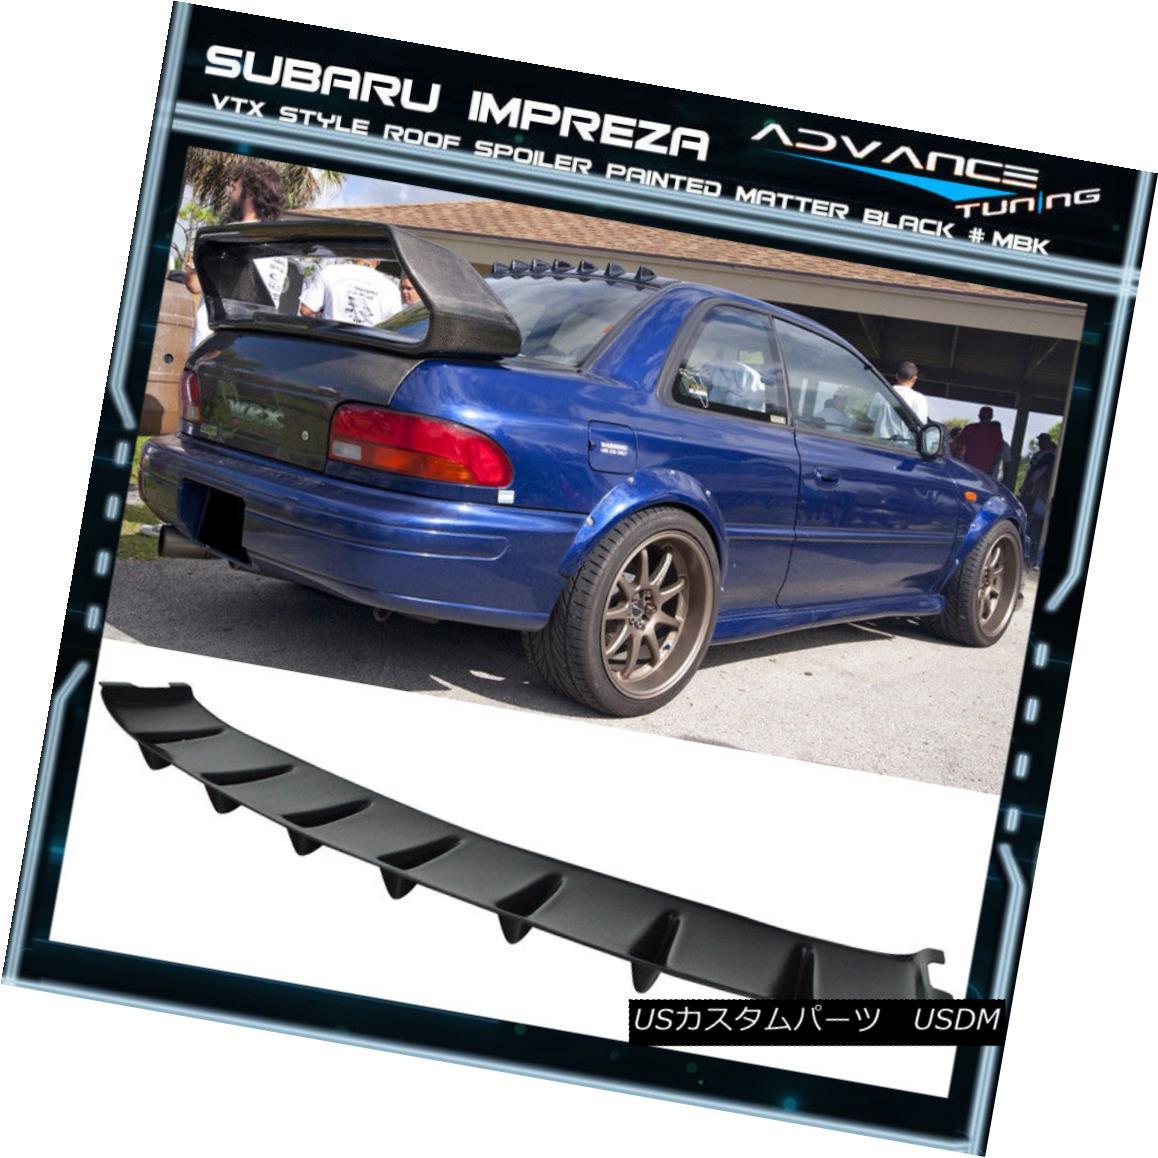 エアロパーツ Fit 93-01 Subaru Impreza VTX Vortex VG Style ABS Roof Fin Spoiler Matte Black フィット93-01スバルインプレッサVTXボルテックスVGスタイルABSルーフフィンスポイラーマットブラック